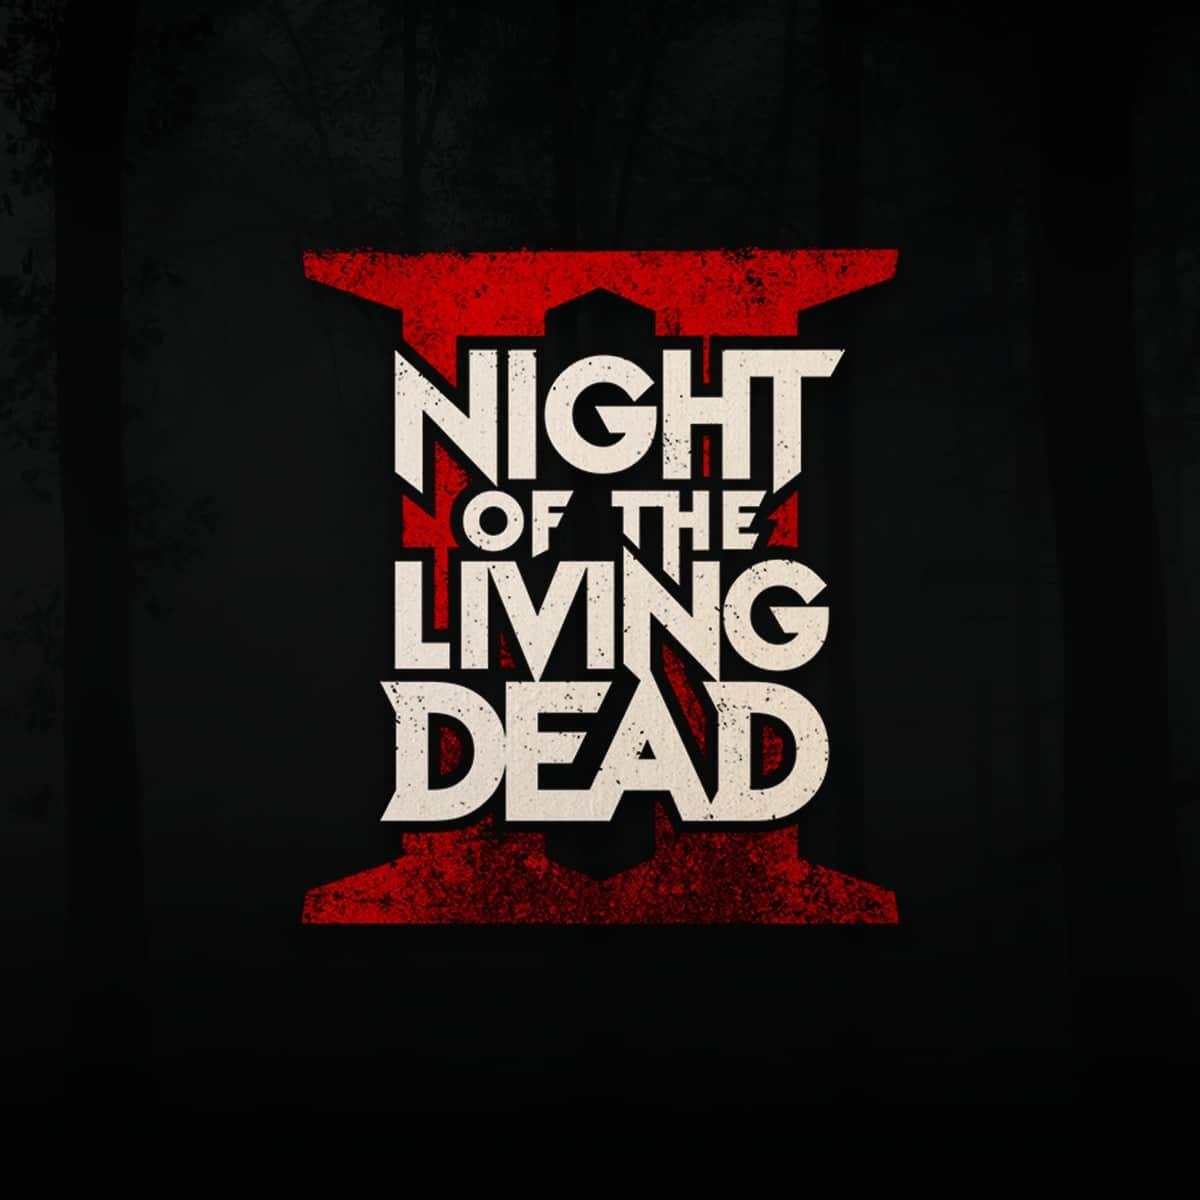 Trailer Alert: Night of the Living Dead 2